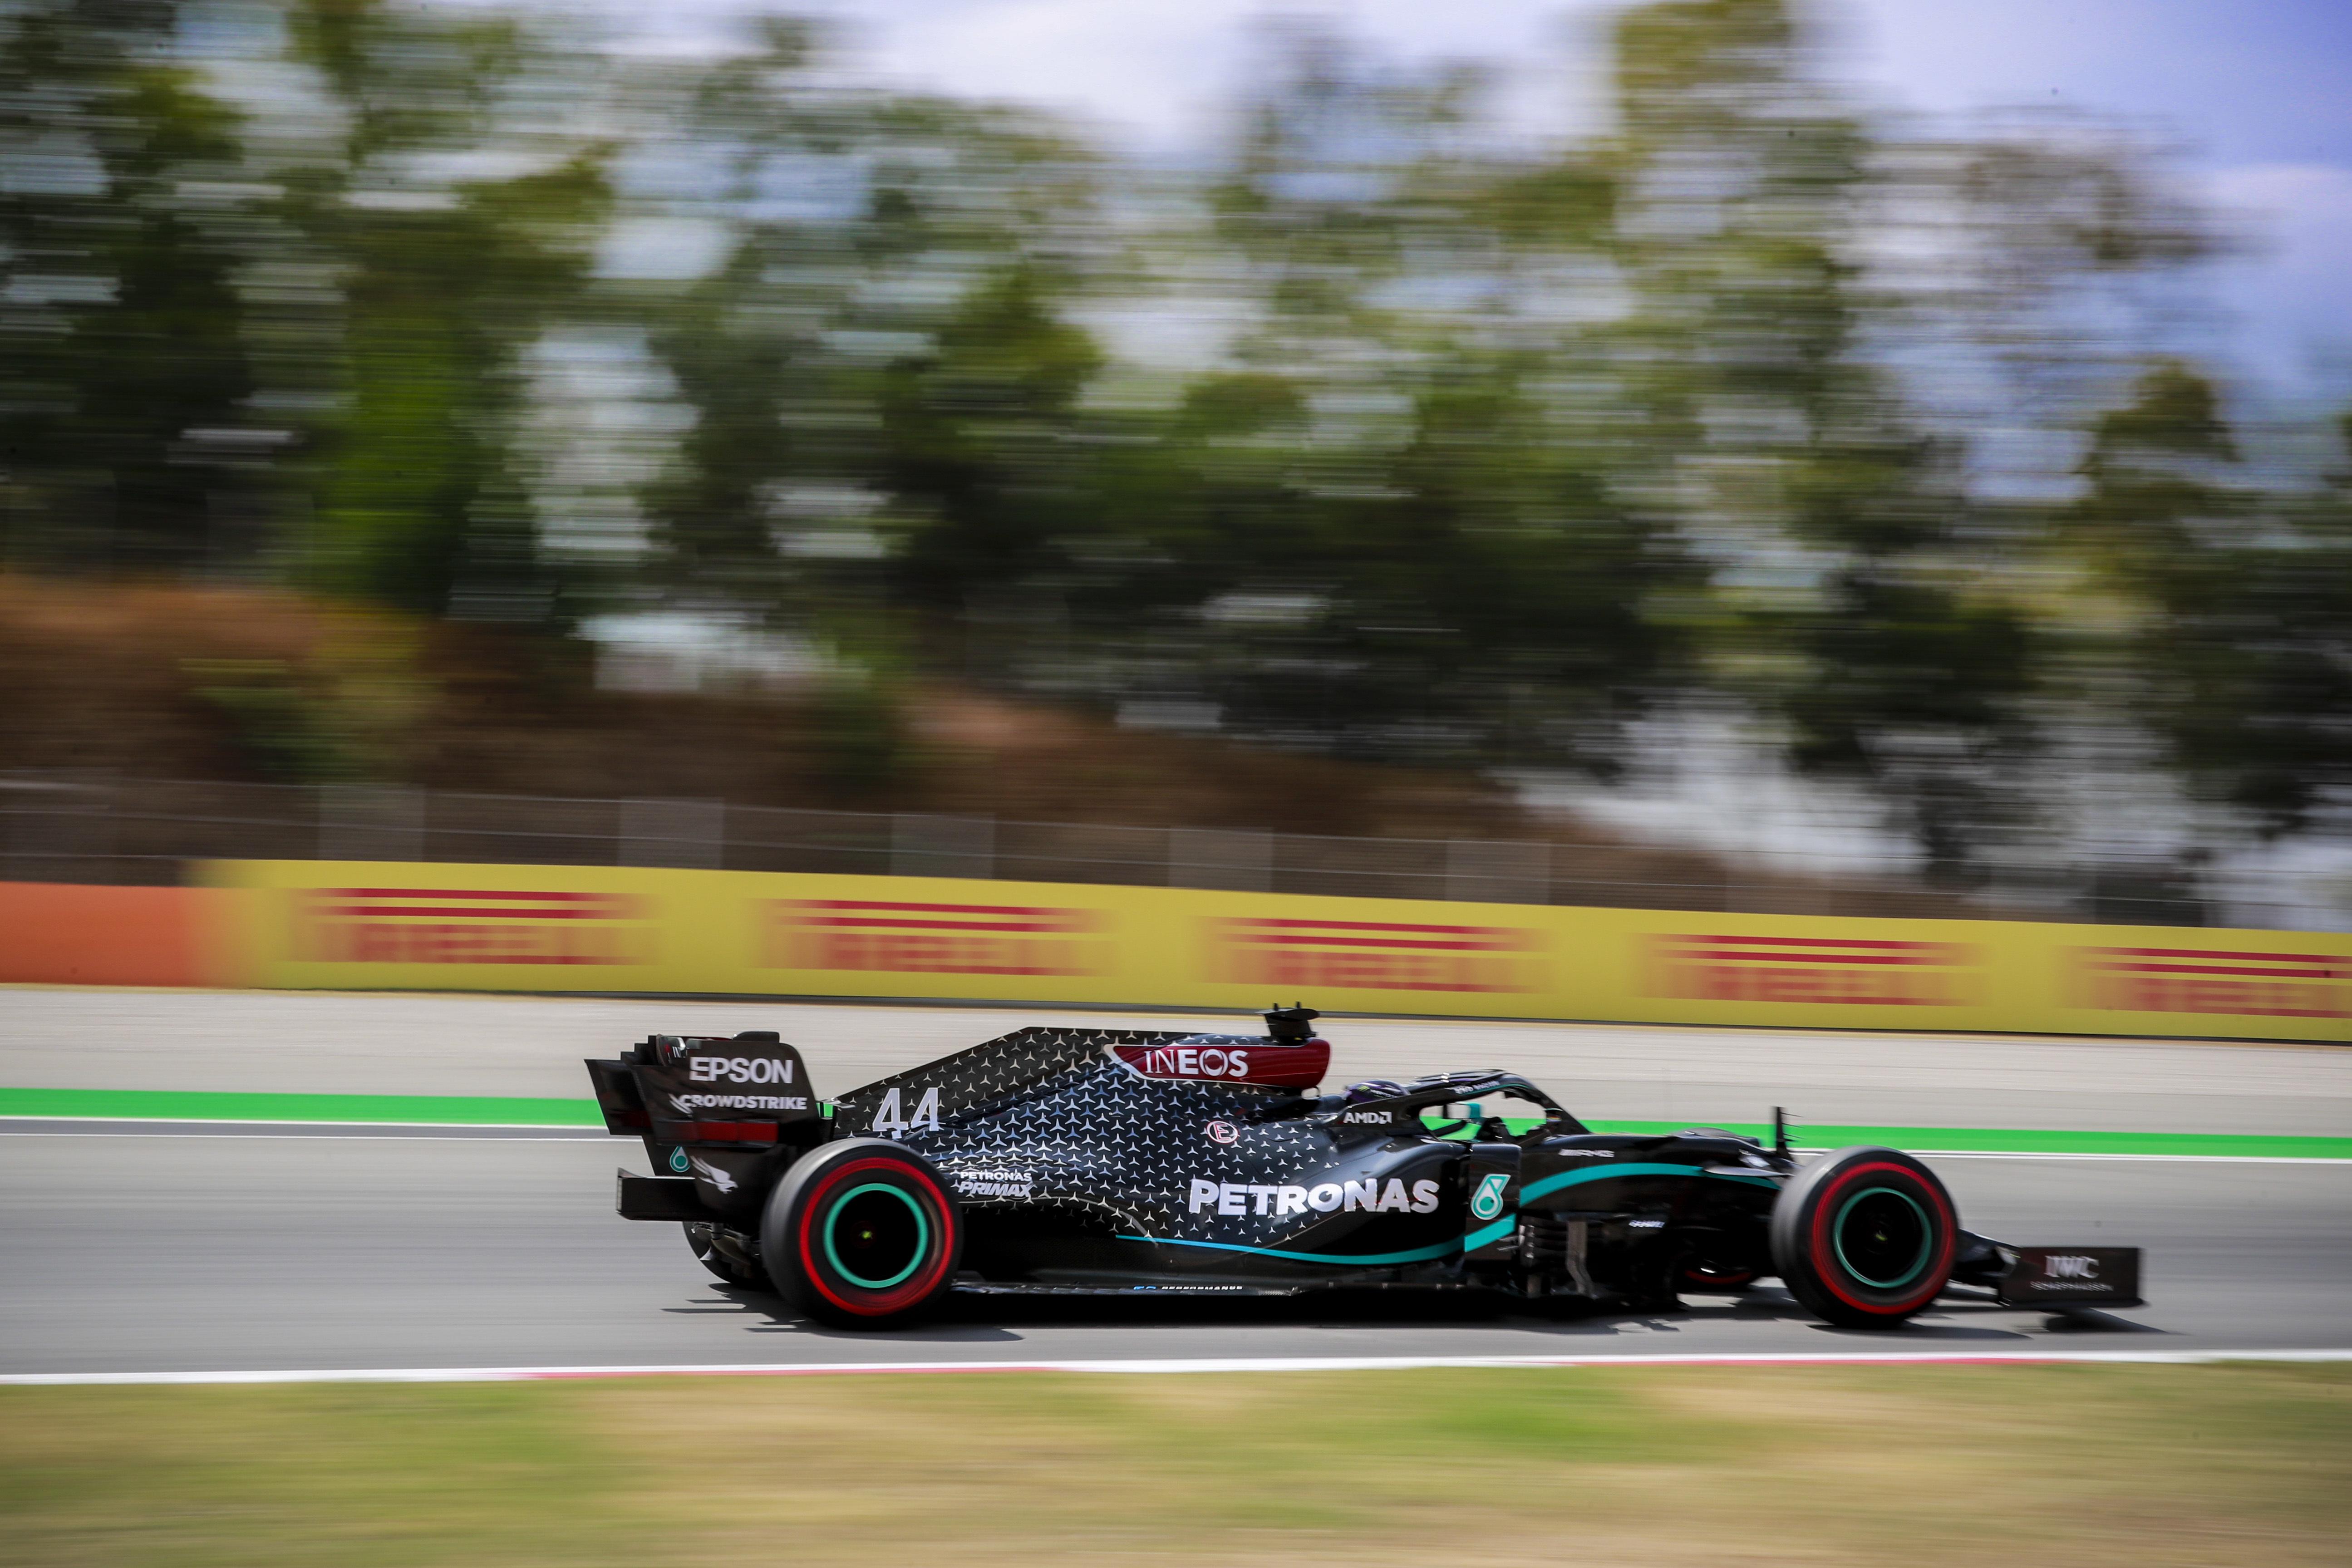 Így fest a Formula–1-es Spanyol Nagydíj rajtrácsa!